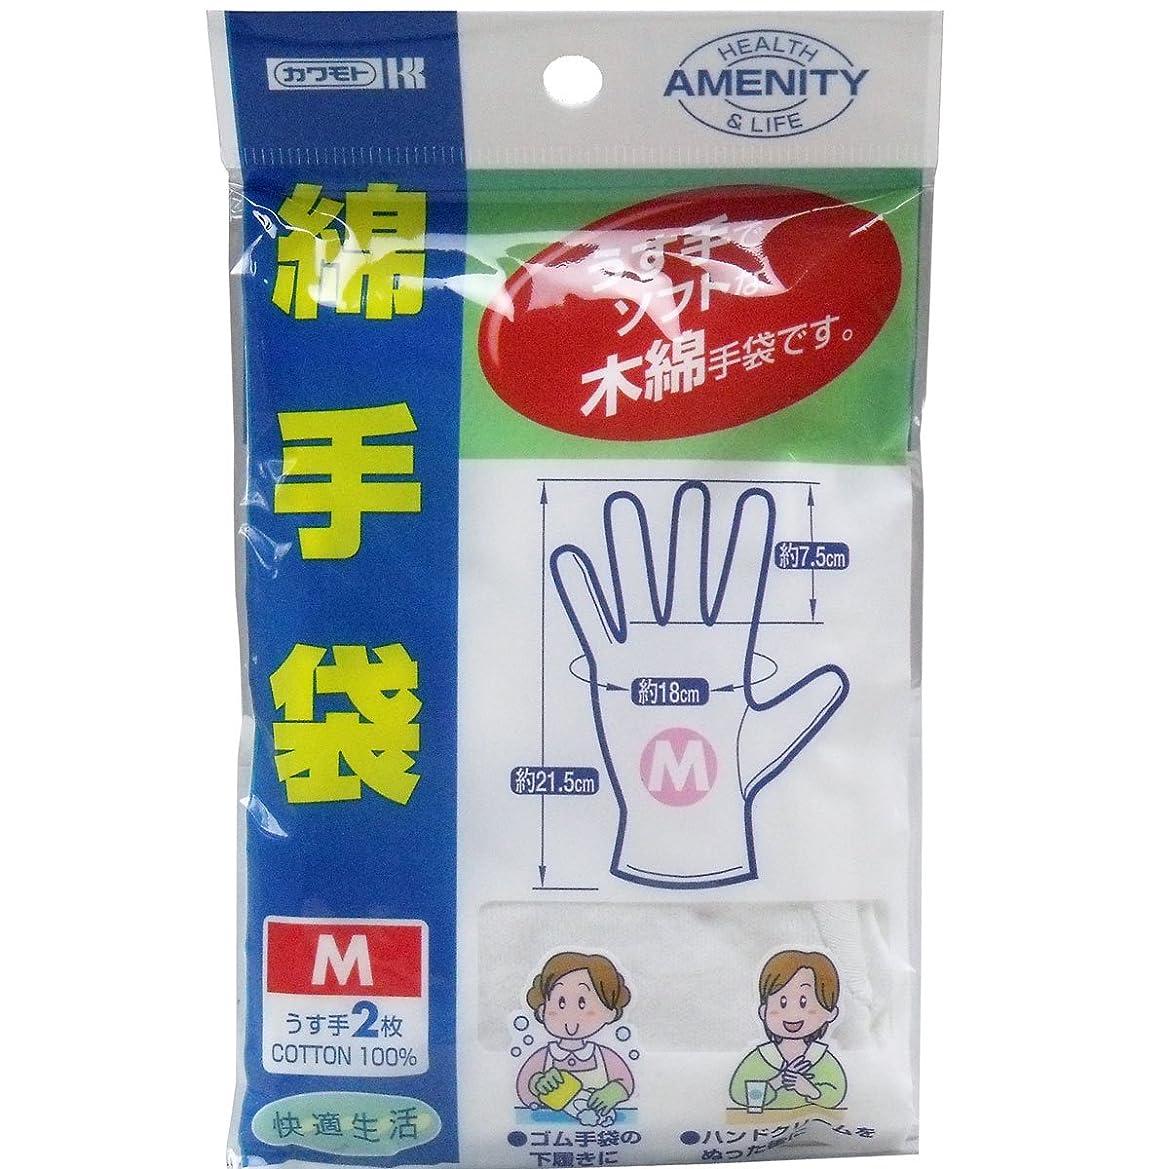 時剪断さておきカワモト 綿手袋M うす手